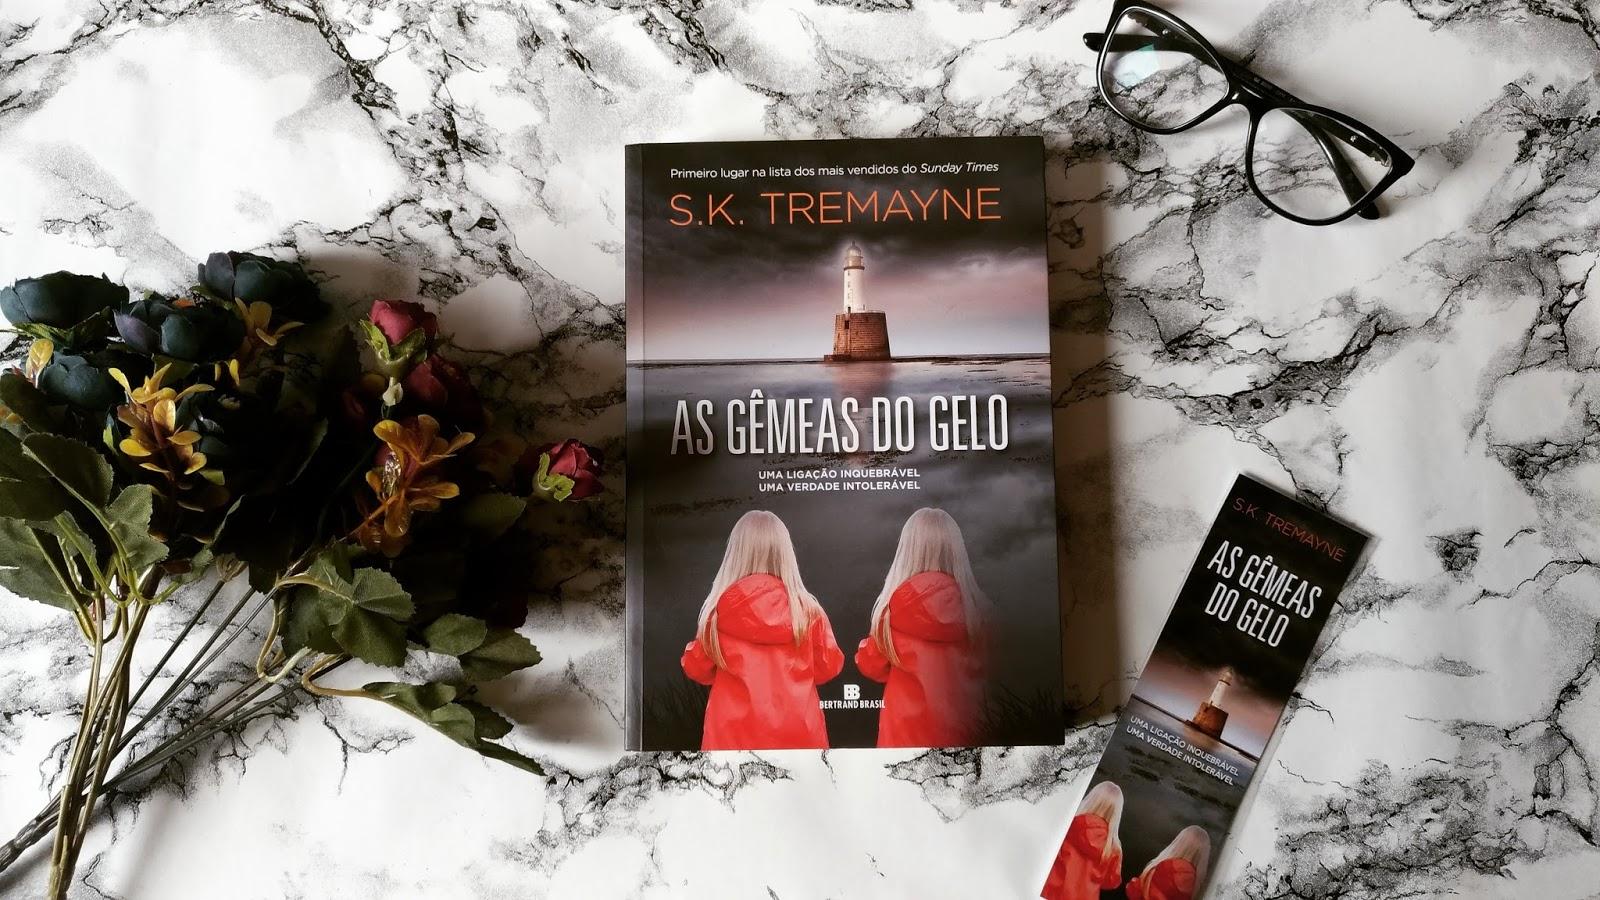 S.K. Tremayne